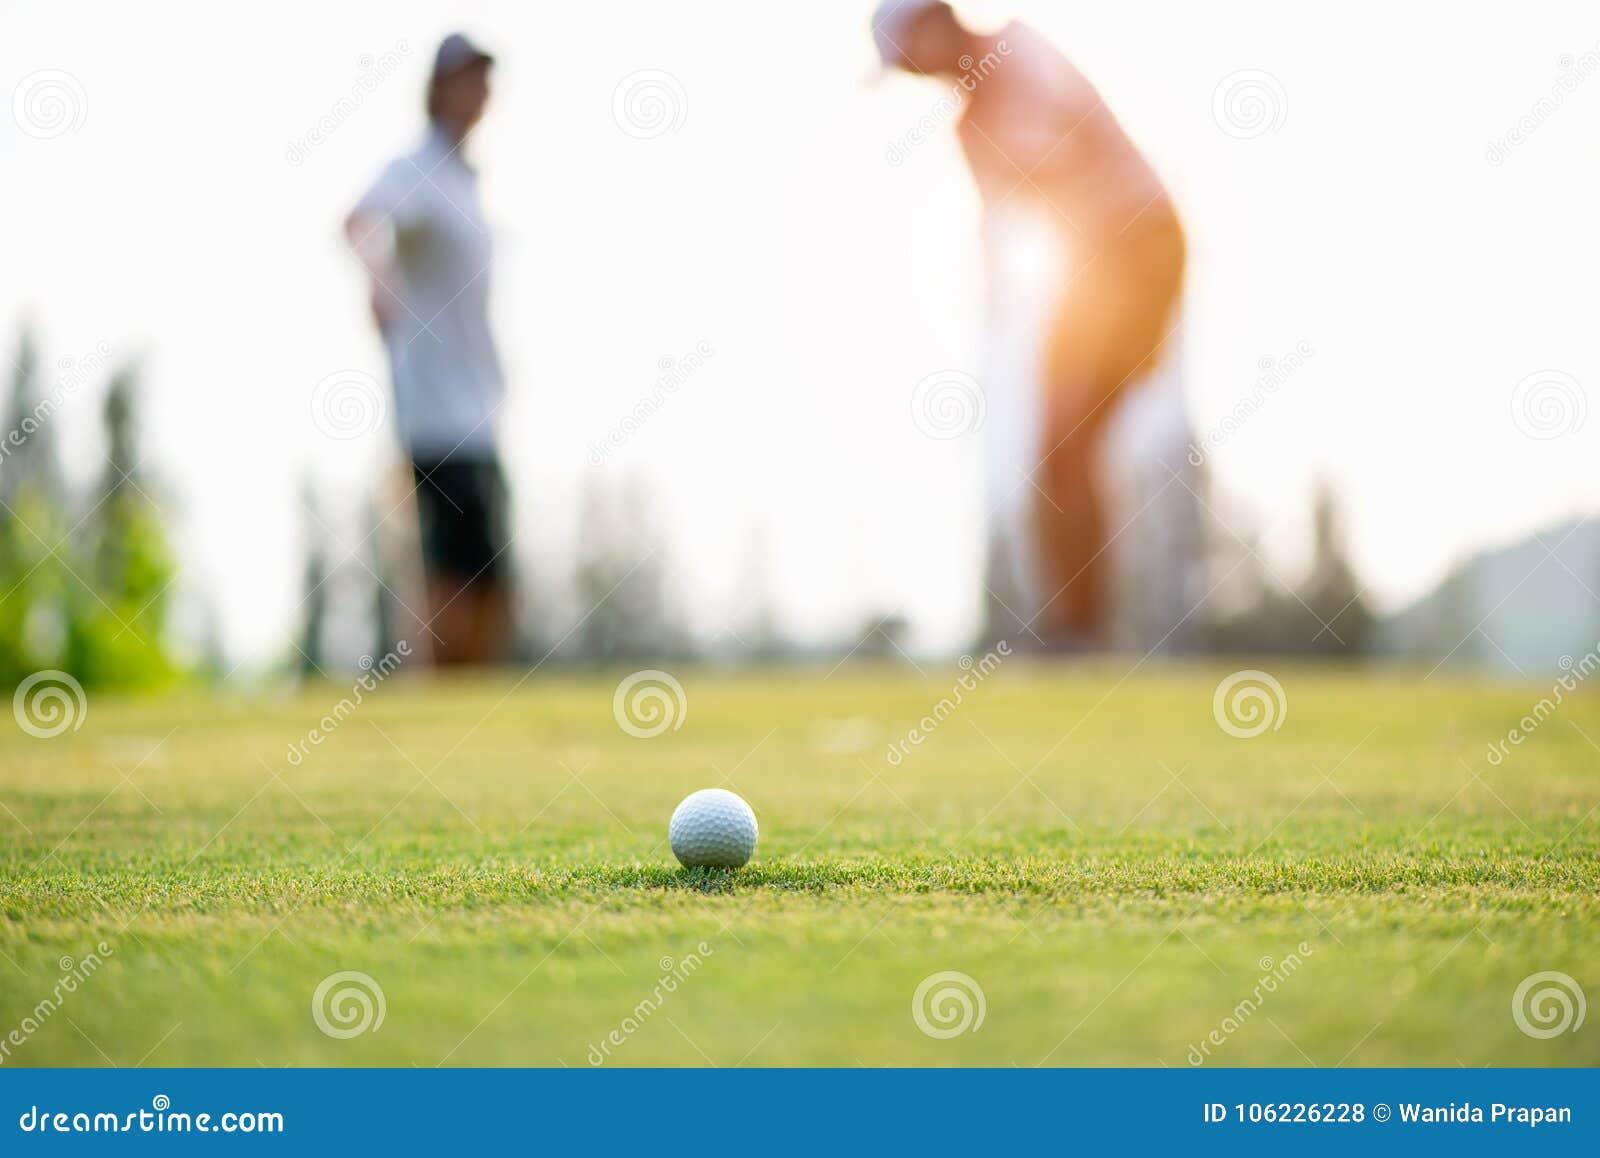 Подход к шара для игры в гольф к владению на зеленом цвете Игрок гольфа пар кладя шар для игры в гольф на заднем плане